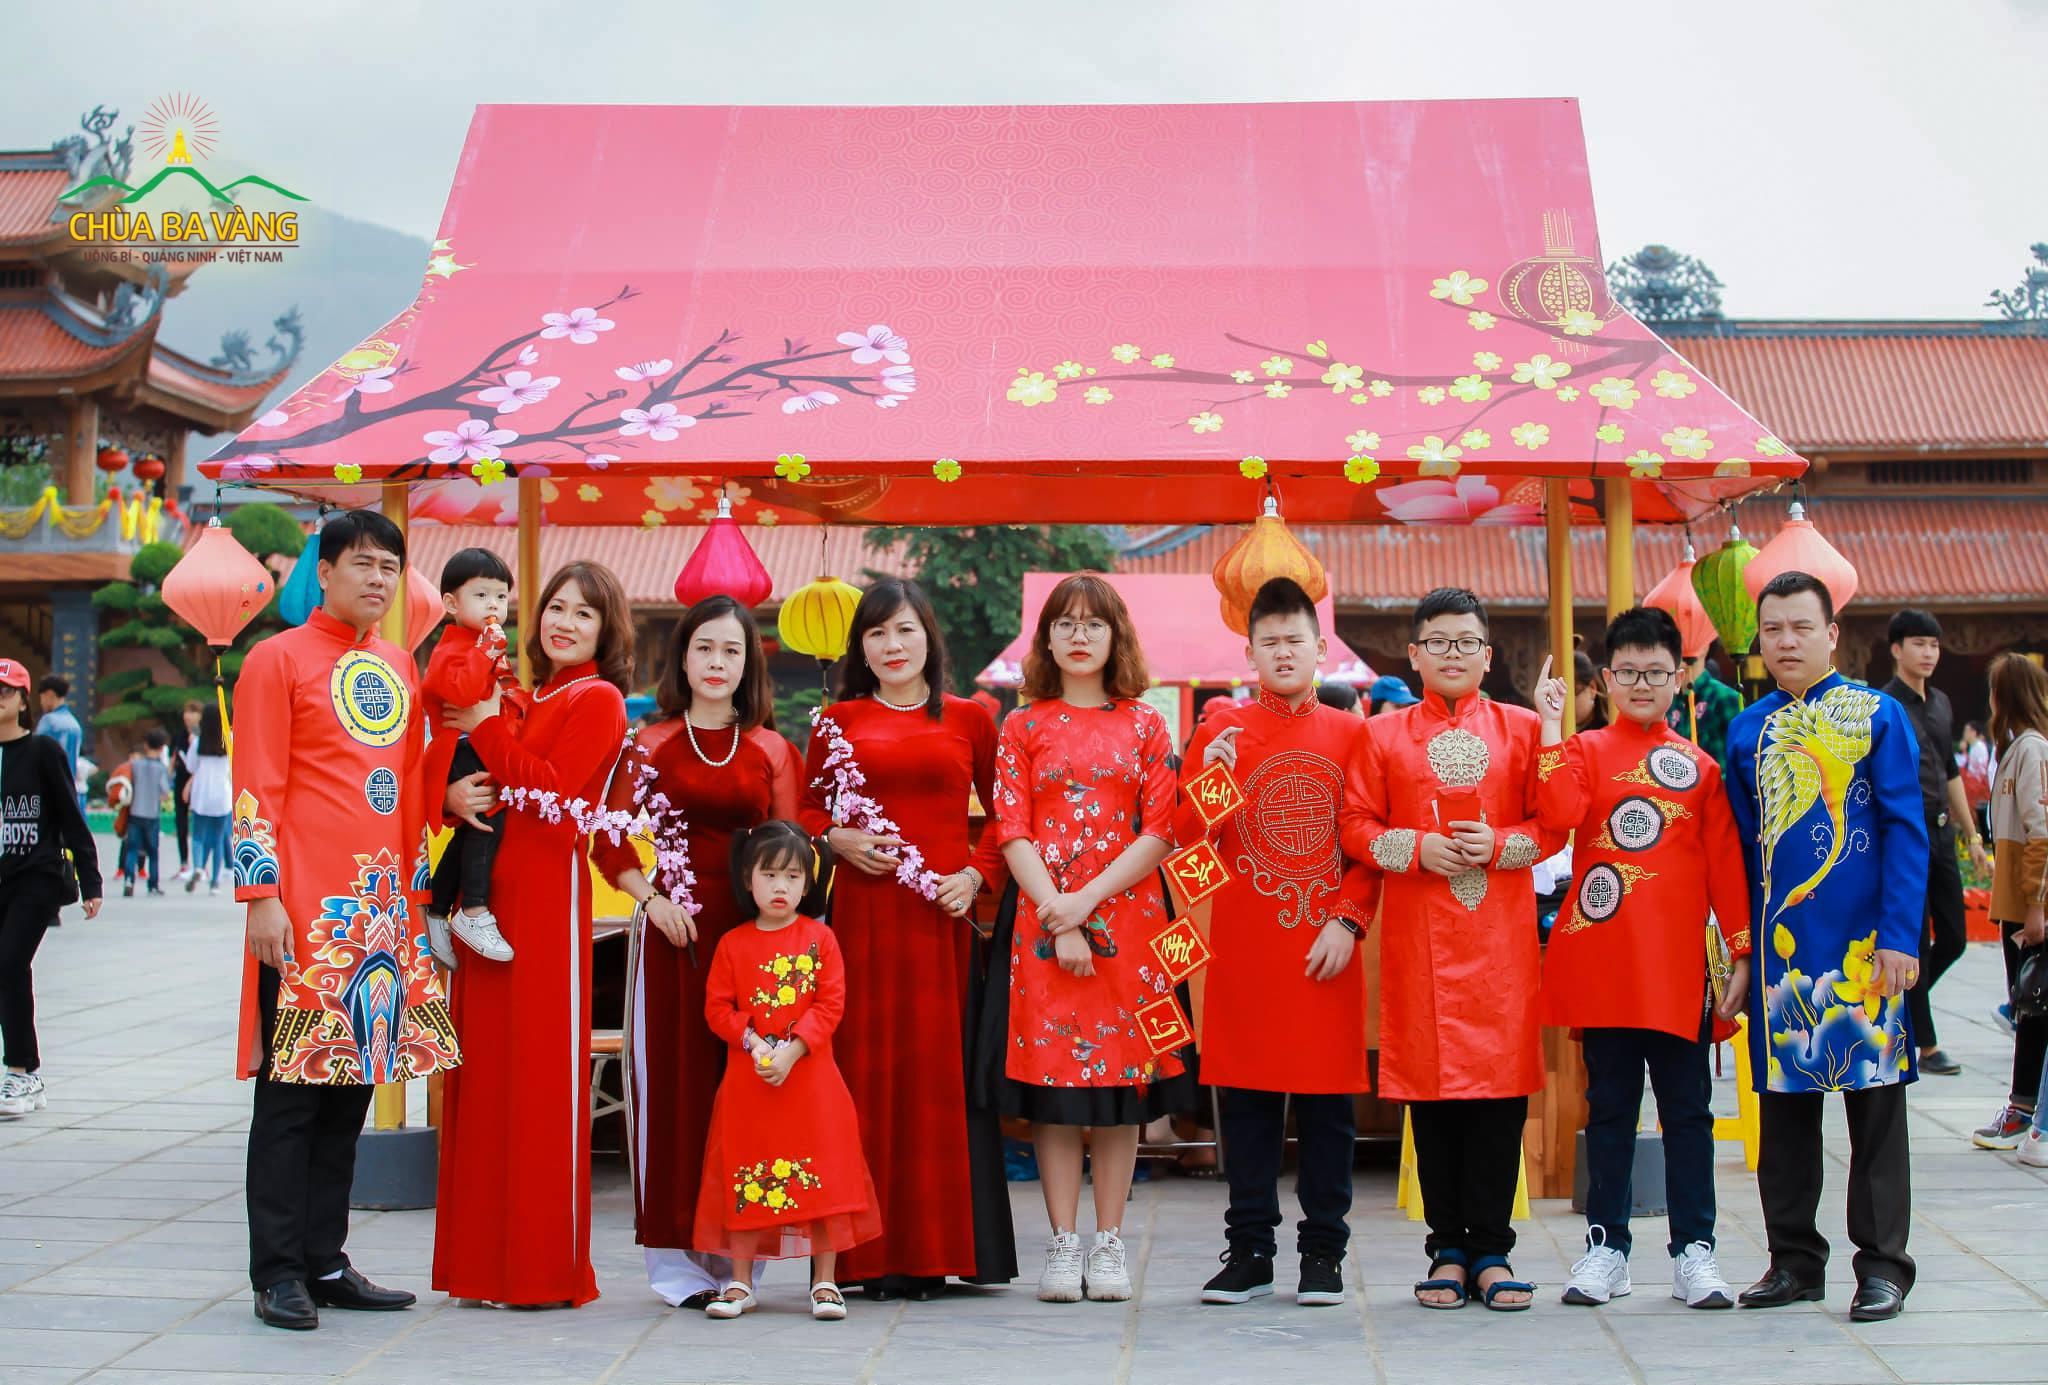 Áo dài - trang phục truyền thống của dân tộc Việt Nam.